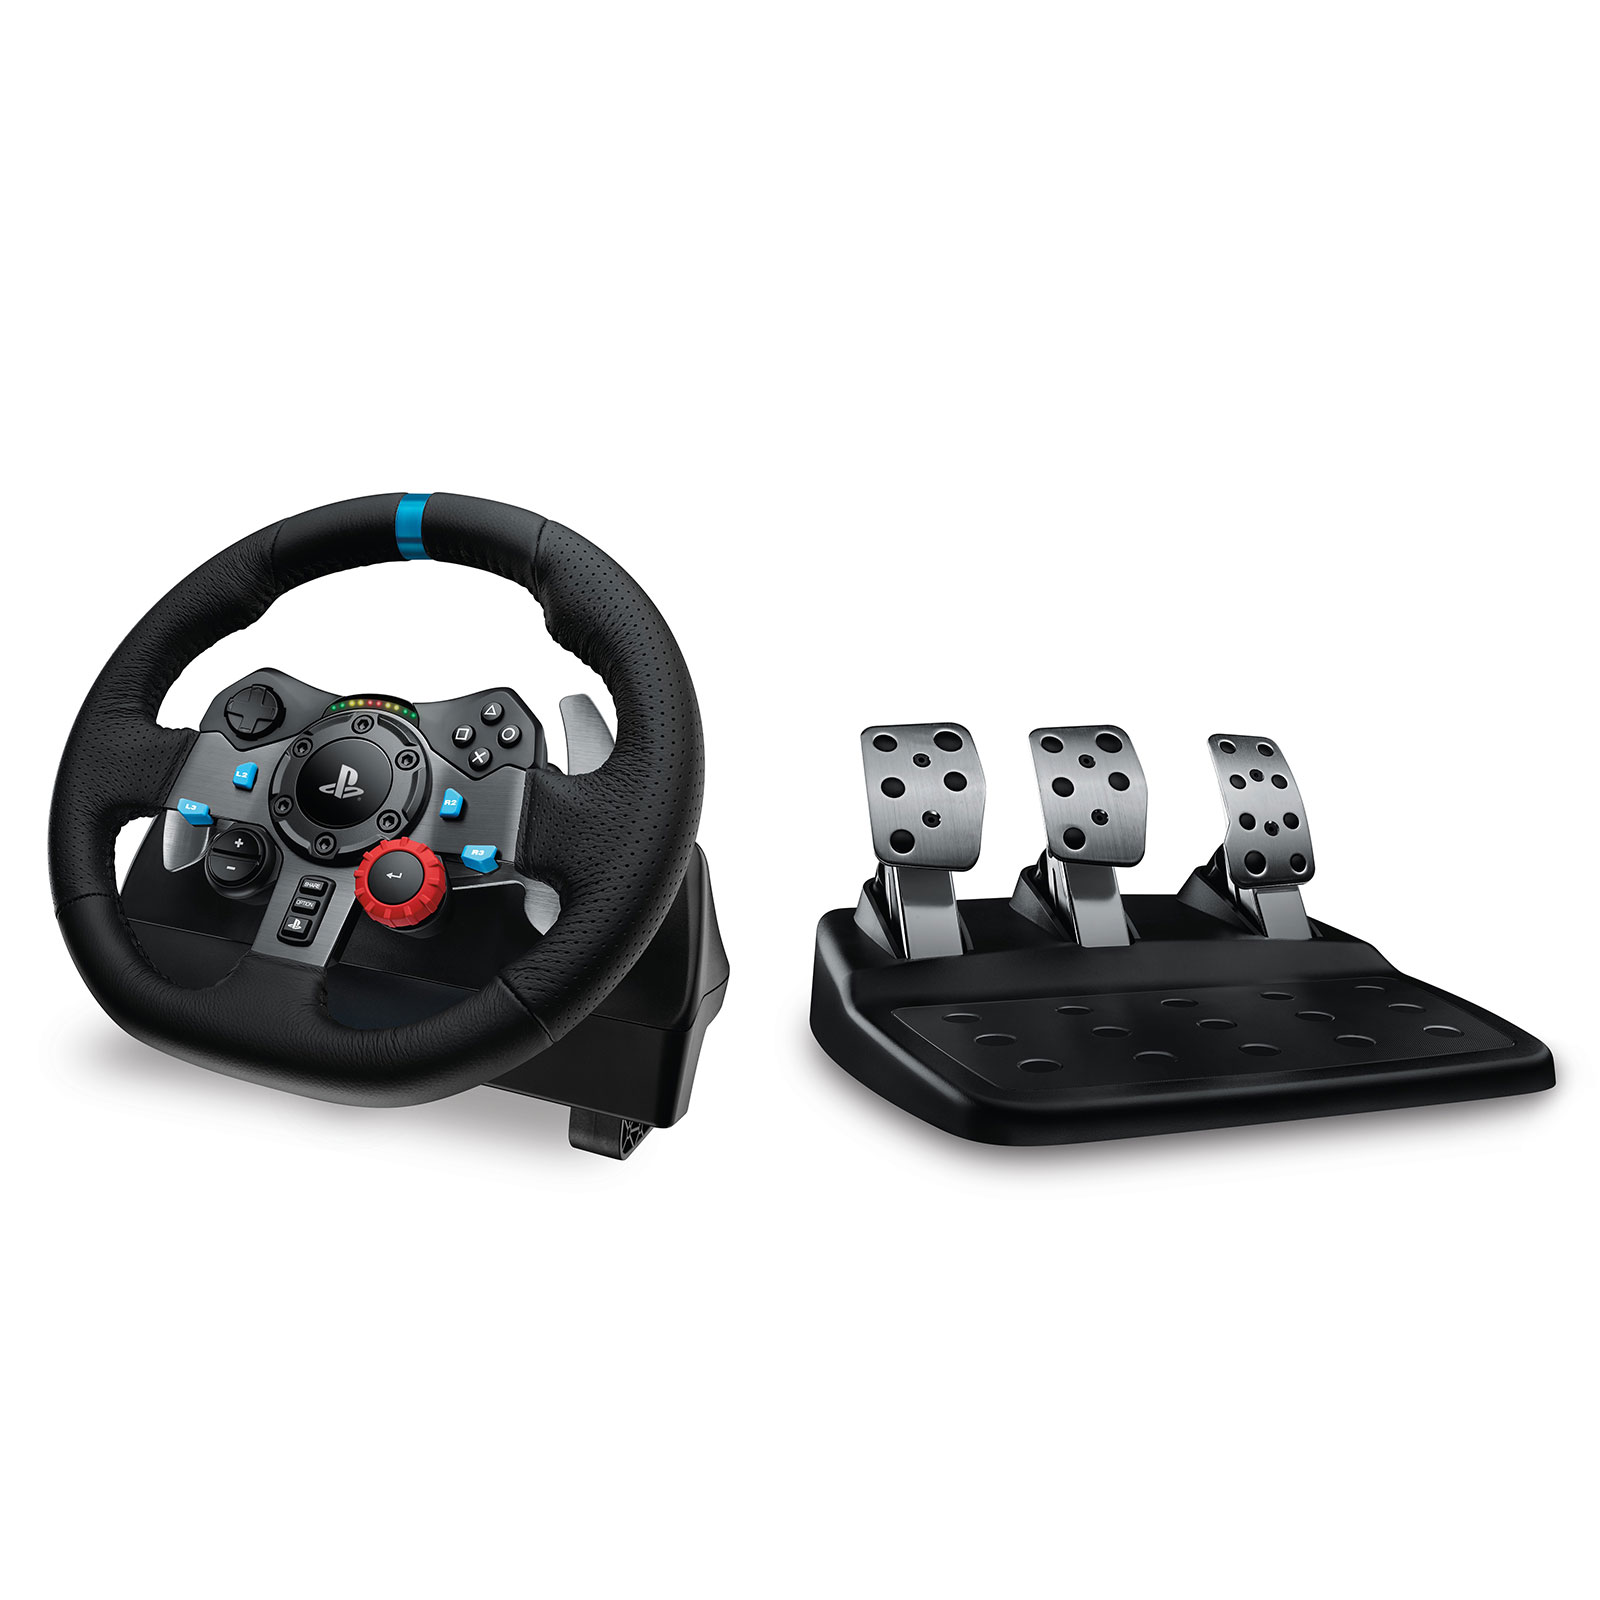 Logitech Volant G29 Driving Force (PlayStation 3/4 & PC) (941-000112) - Achat / Vente Périphérique de Jeu sur Cybertek.fr - 0